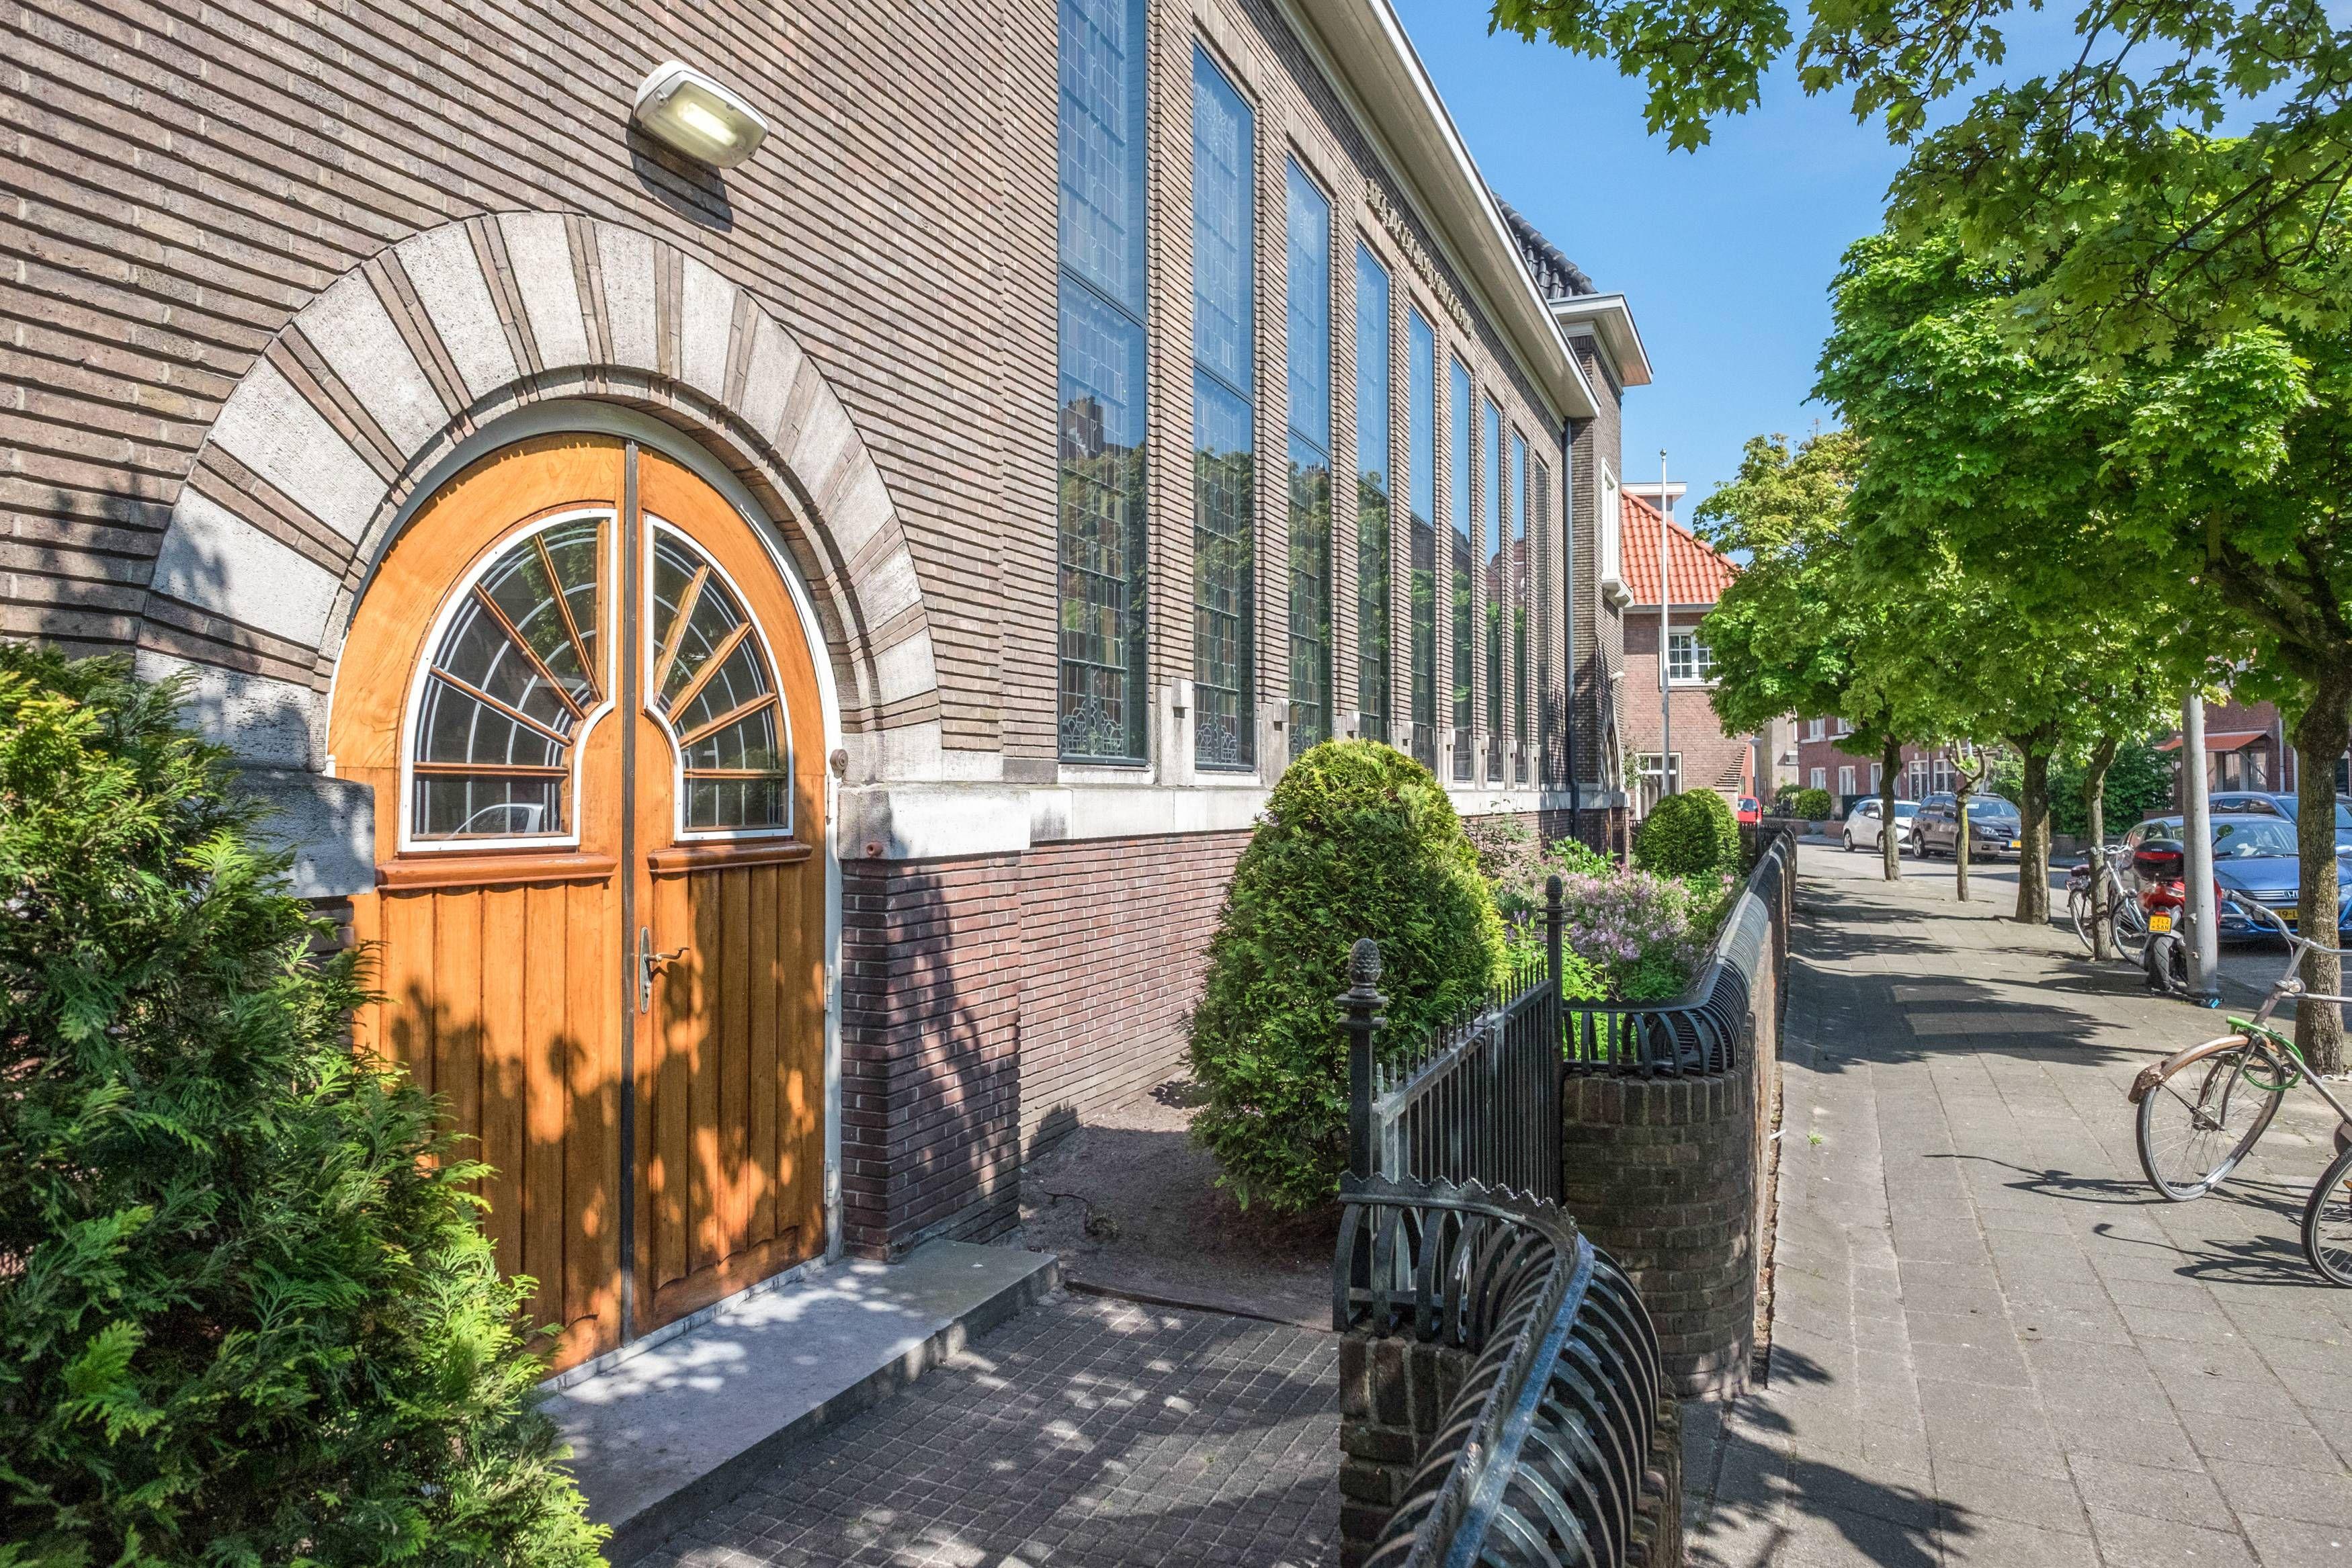 Der Eingang der ehemaligen Morgensternkirche, die Ende der 1990er Jahre zu einem Wohnhaus mit 16 Wohnungen umgebaut wurde, am 11. Mai 2017 in Wormerveer in den Niederlanden.